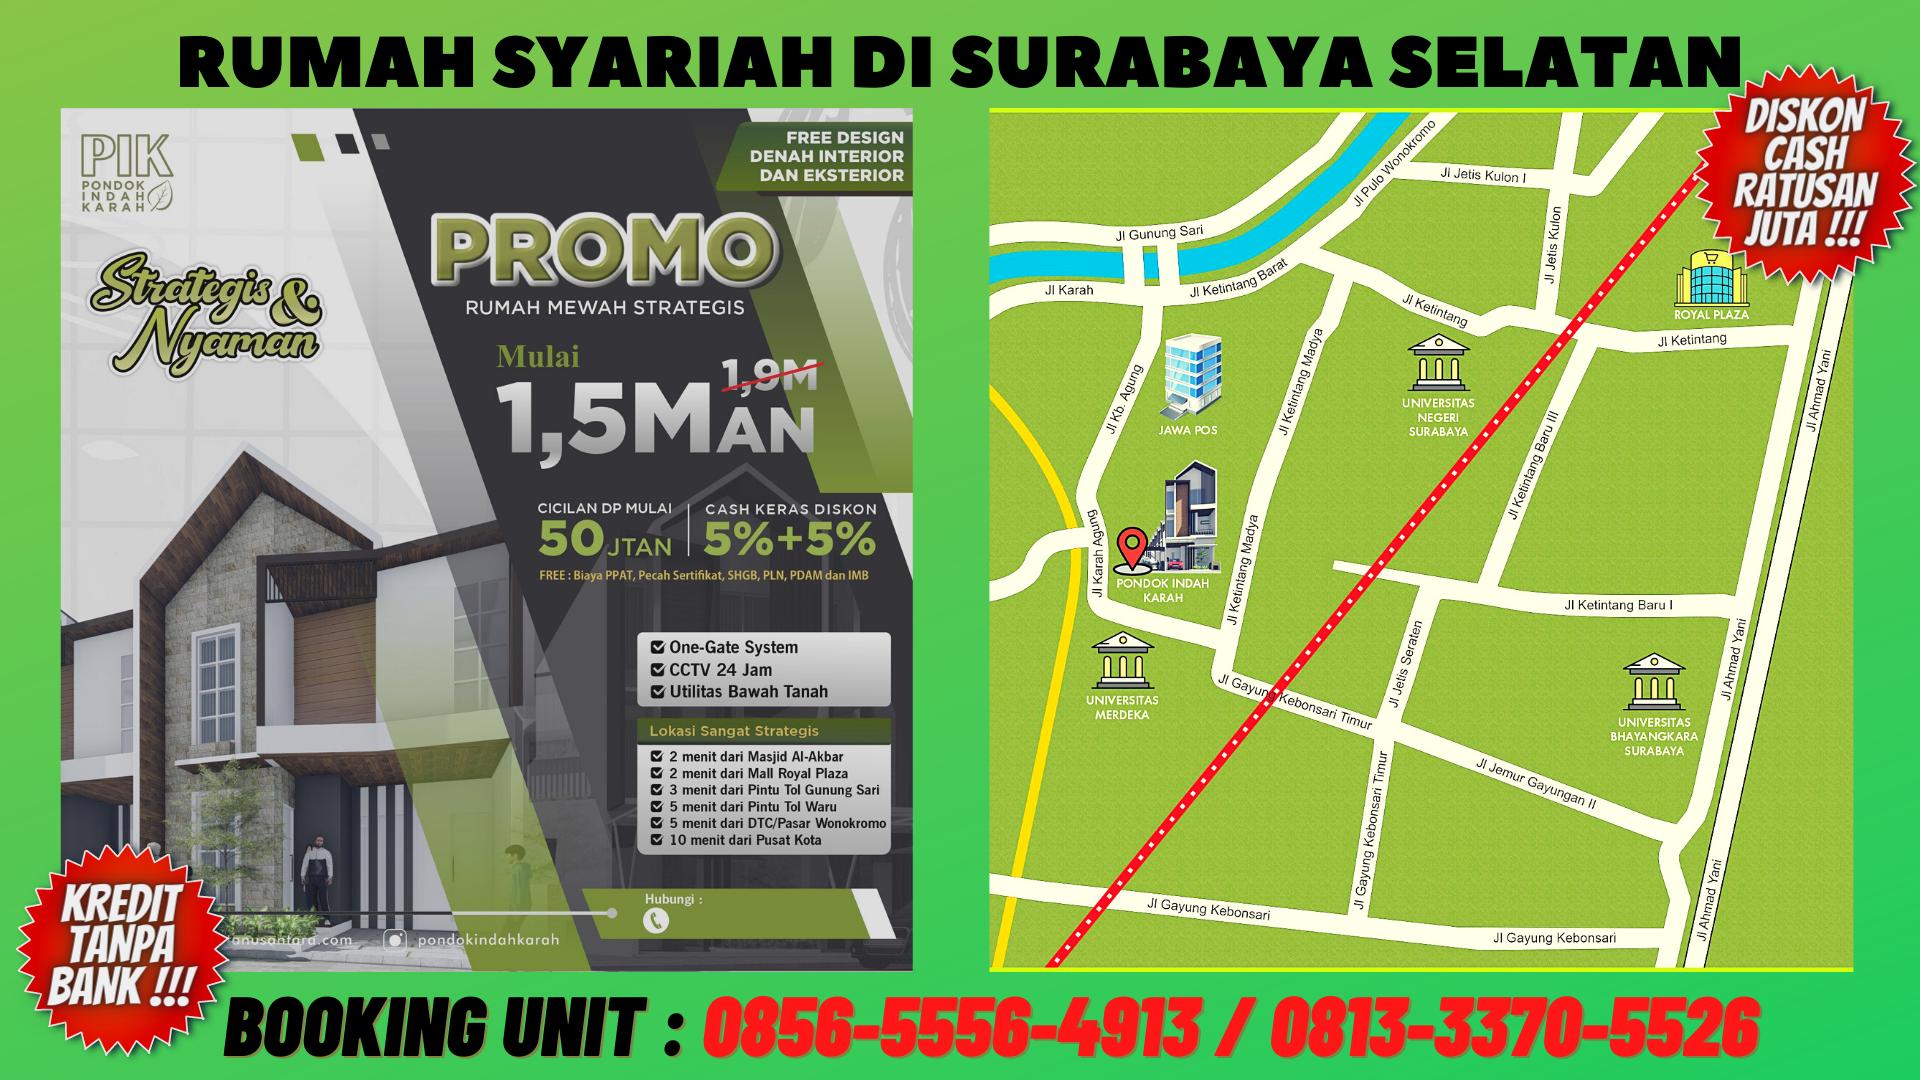 Kredit Rumah Syariah Surabaya, CALL : 0856-5556-4913